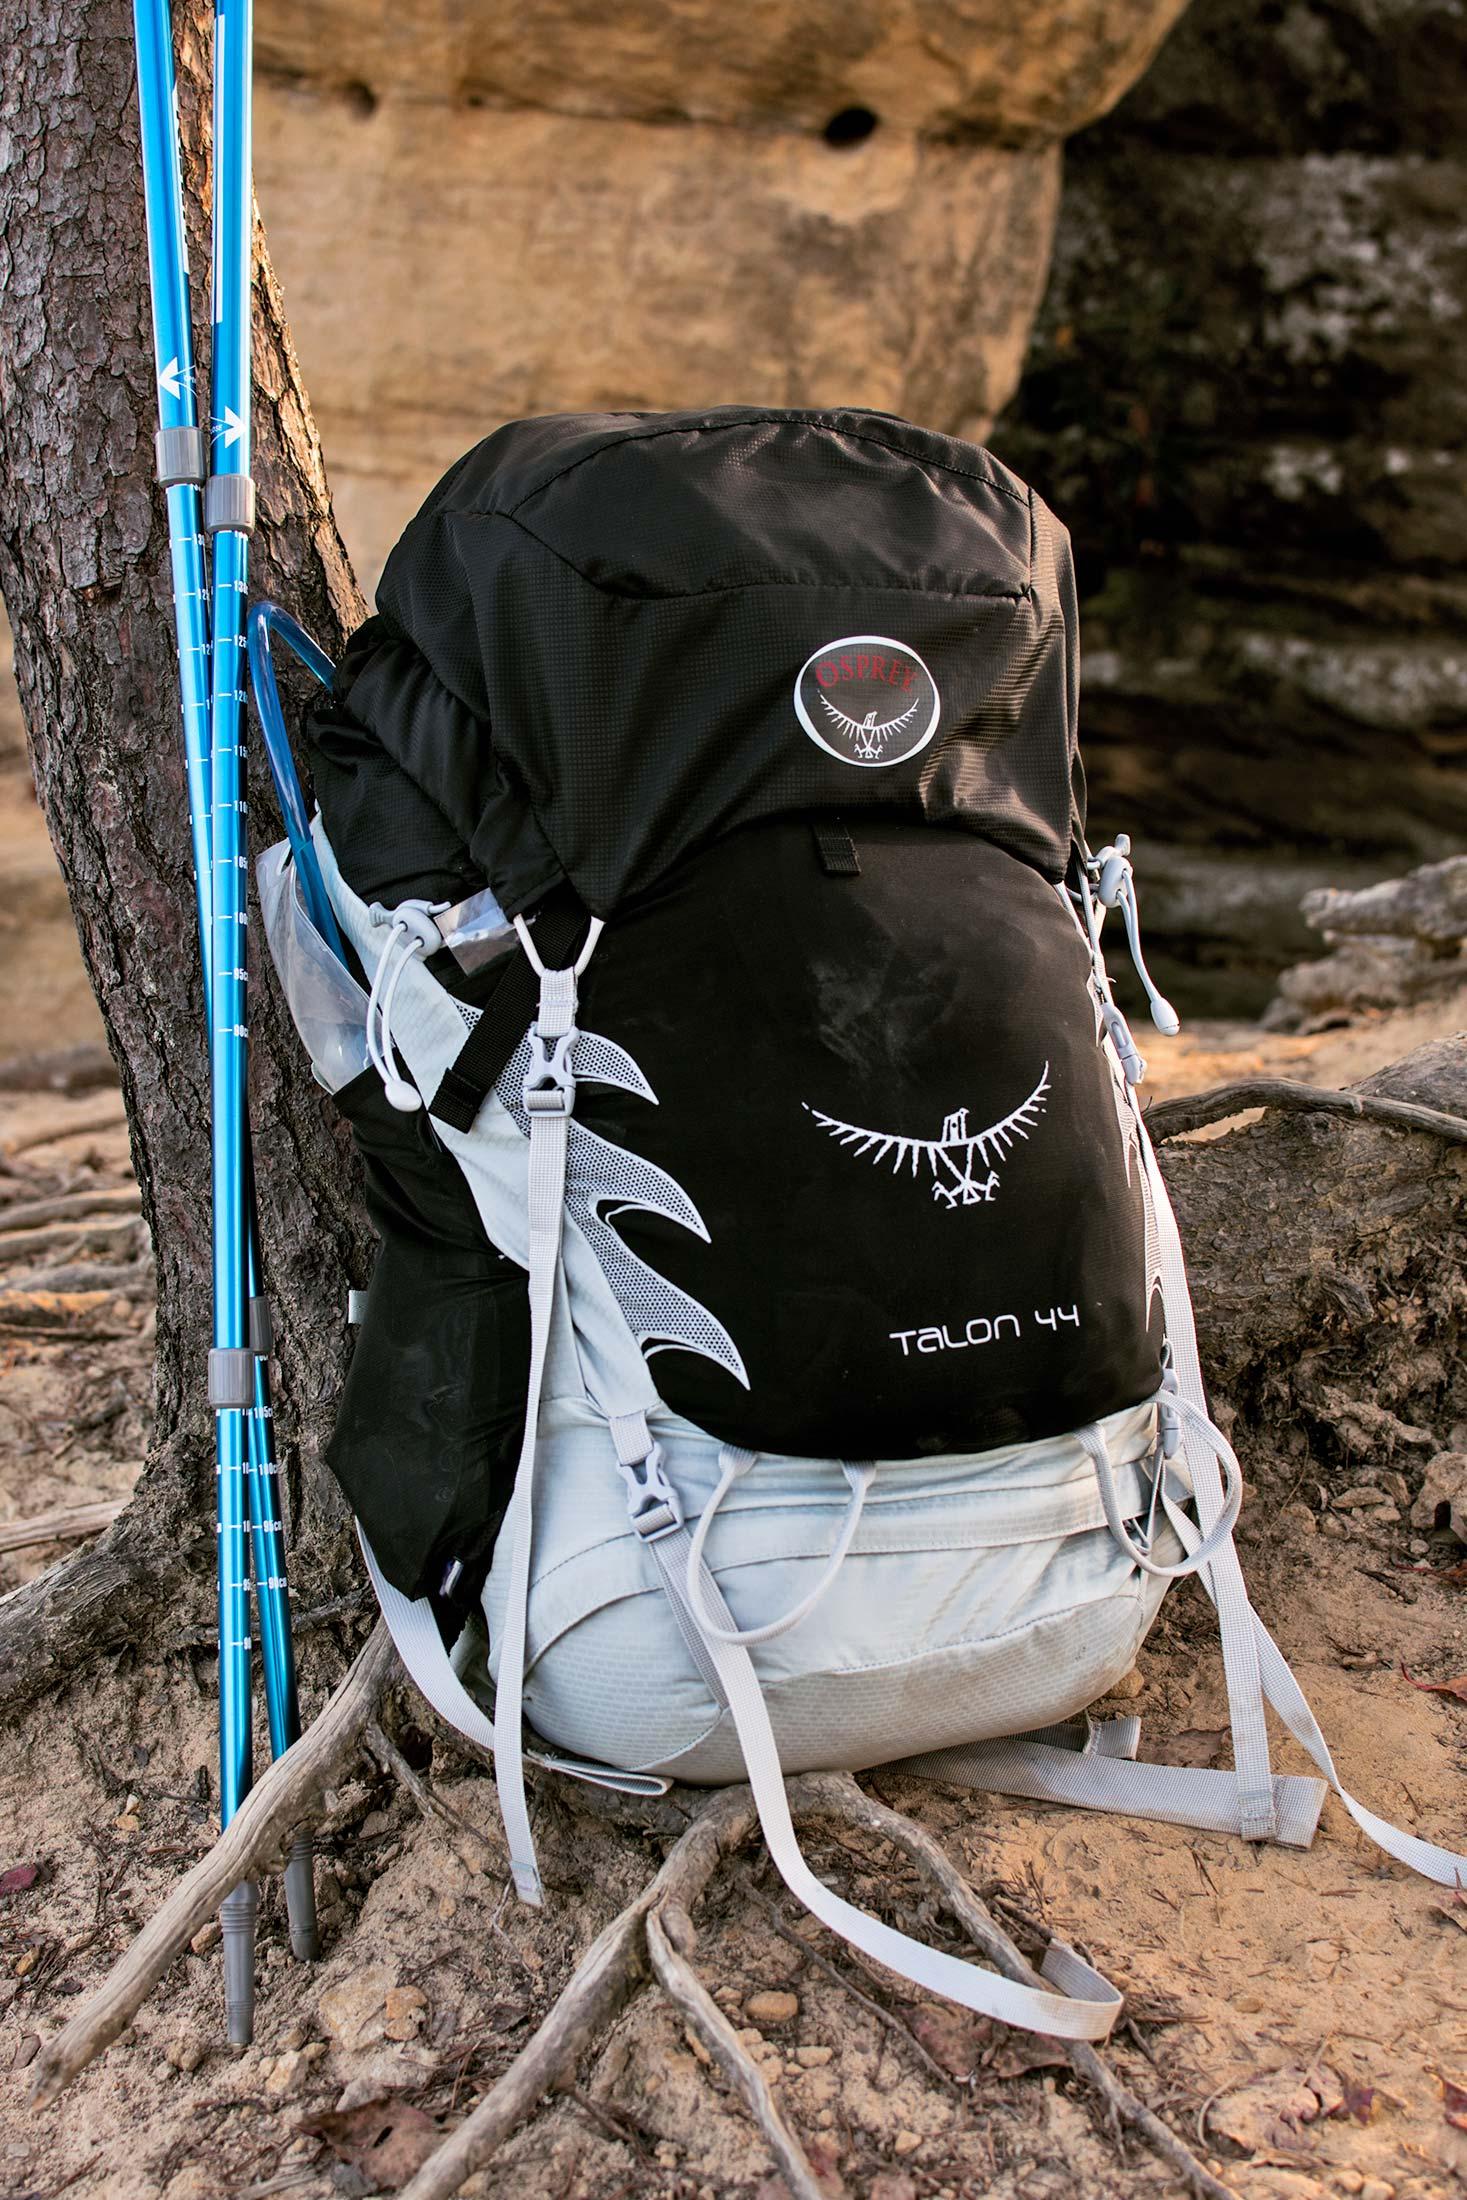 Osprey Talon 44 Review